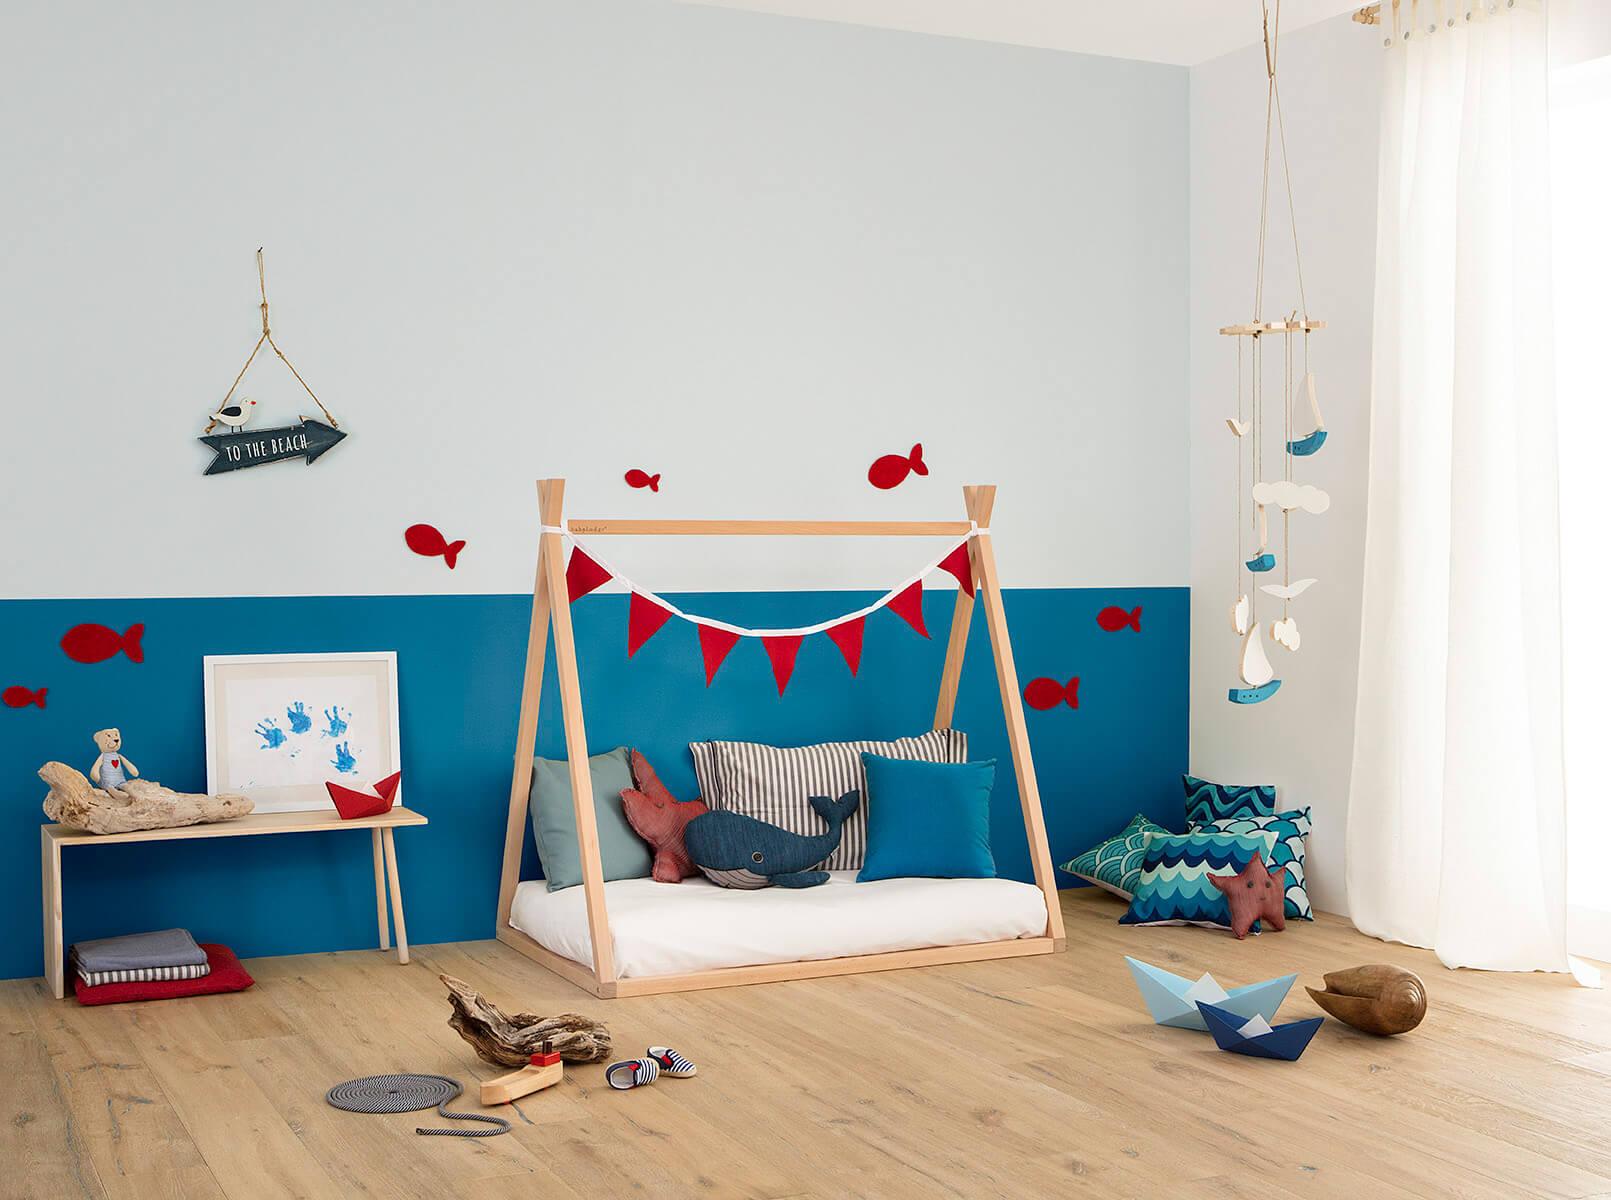 Lettino Montessori a capanna in cameretta allestita a tema mare